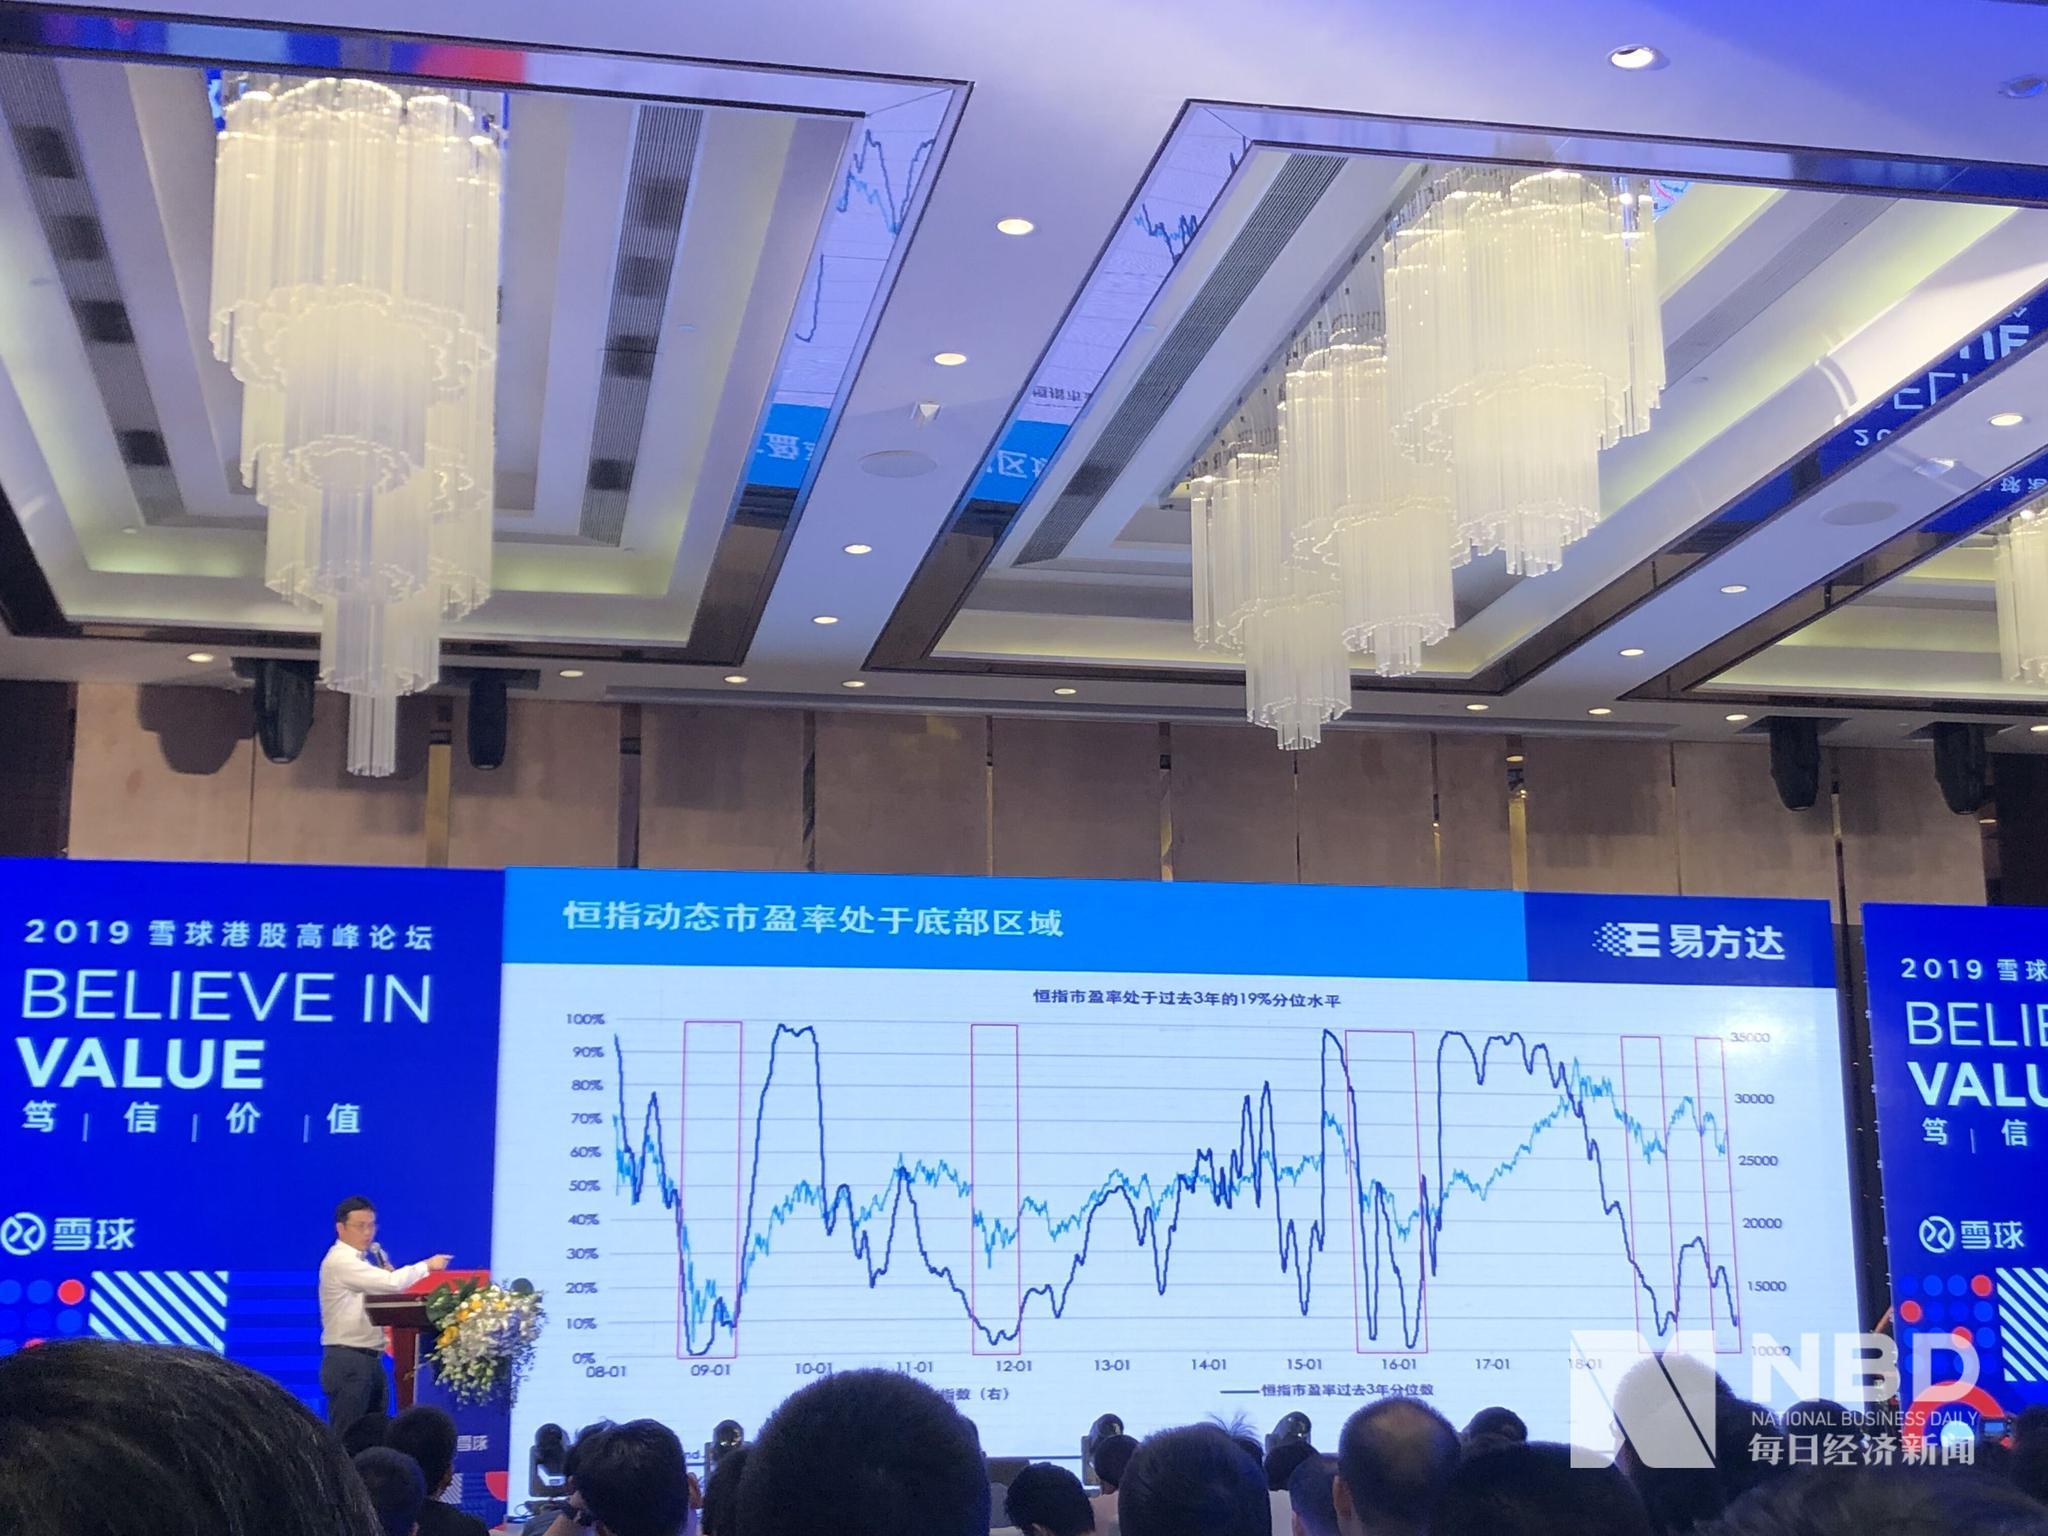 睿策投资董事长谈科创板打新弃购:银行账户问题导致